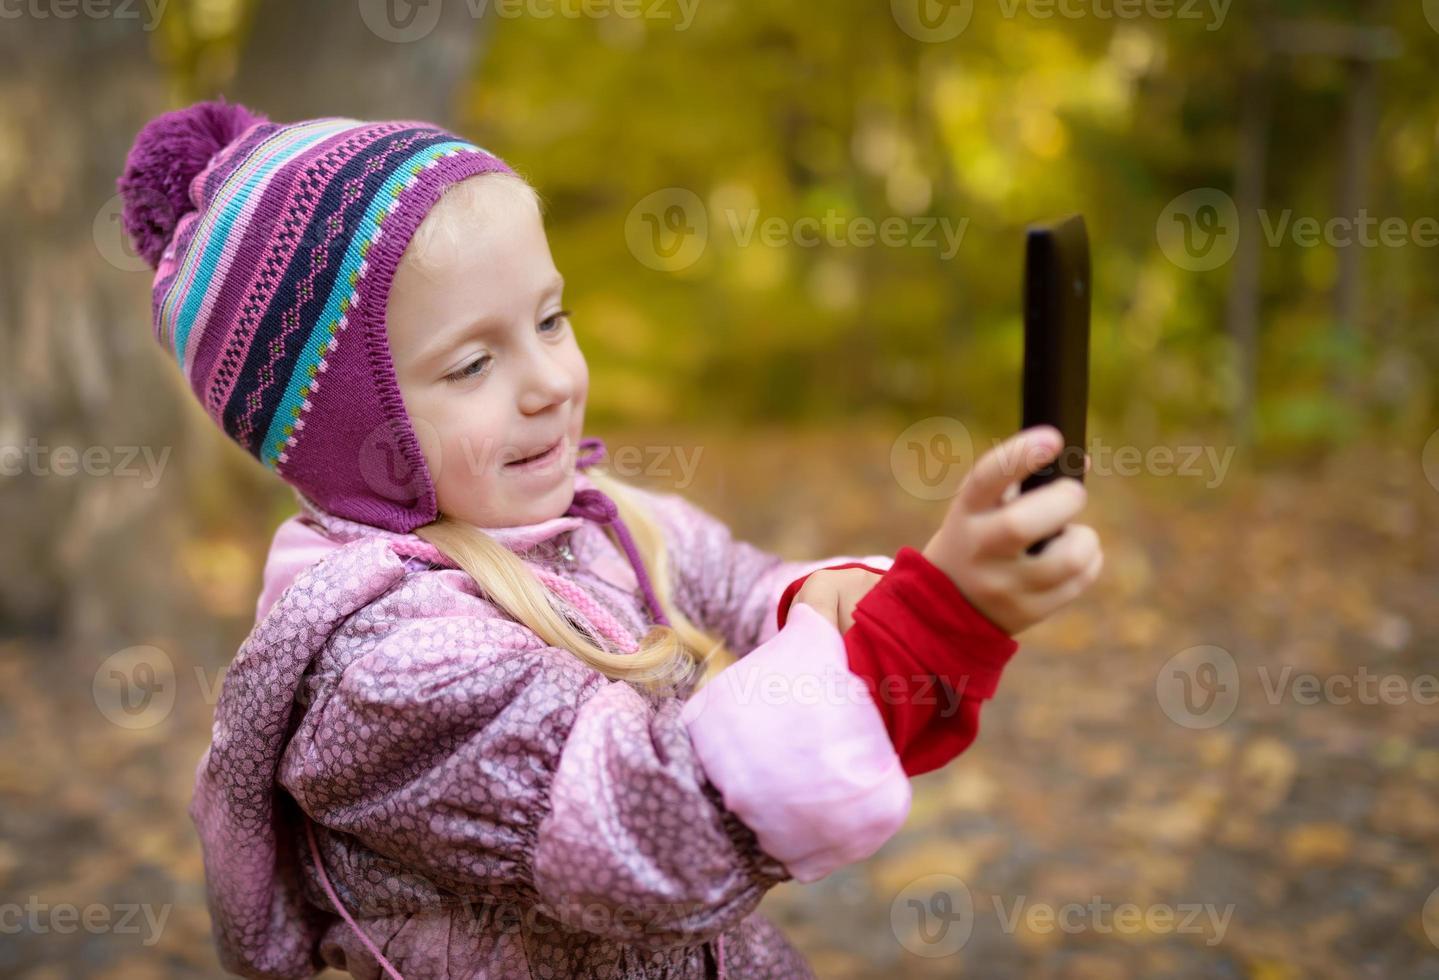 kleines Mädchen, das Foto mit Smartphone macht.